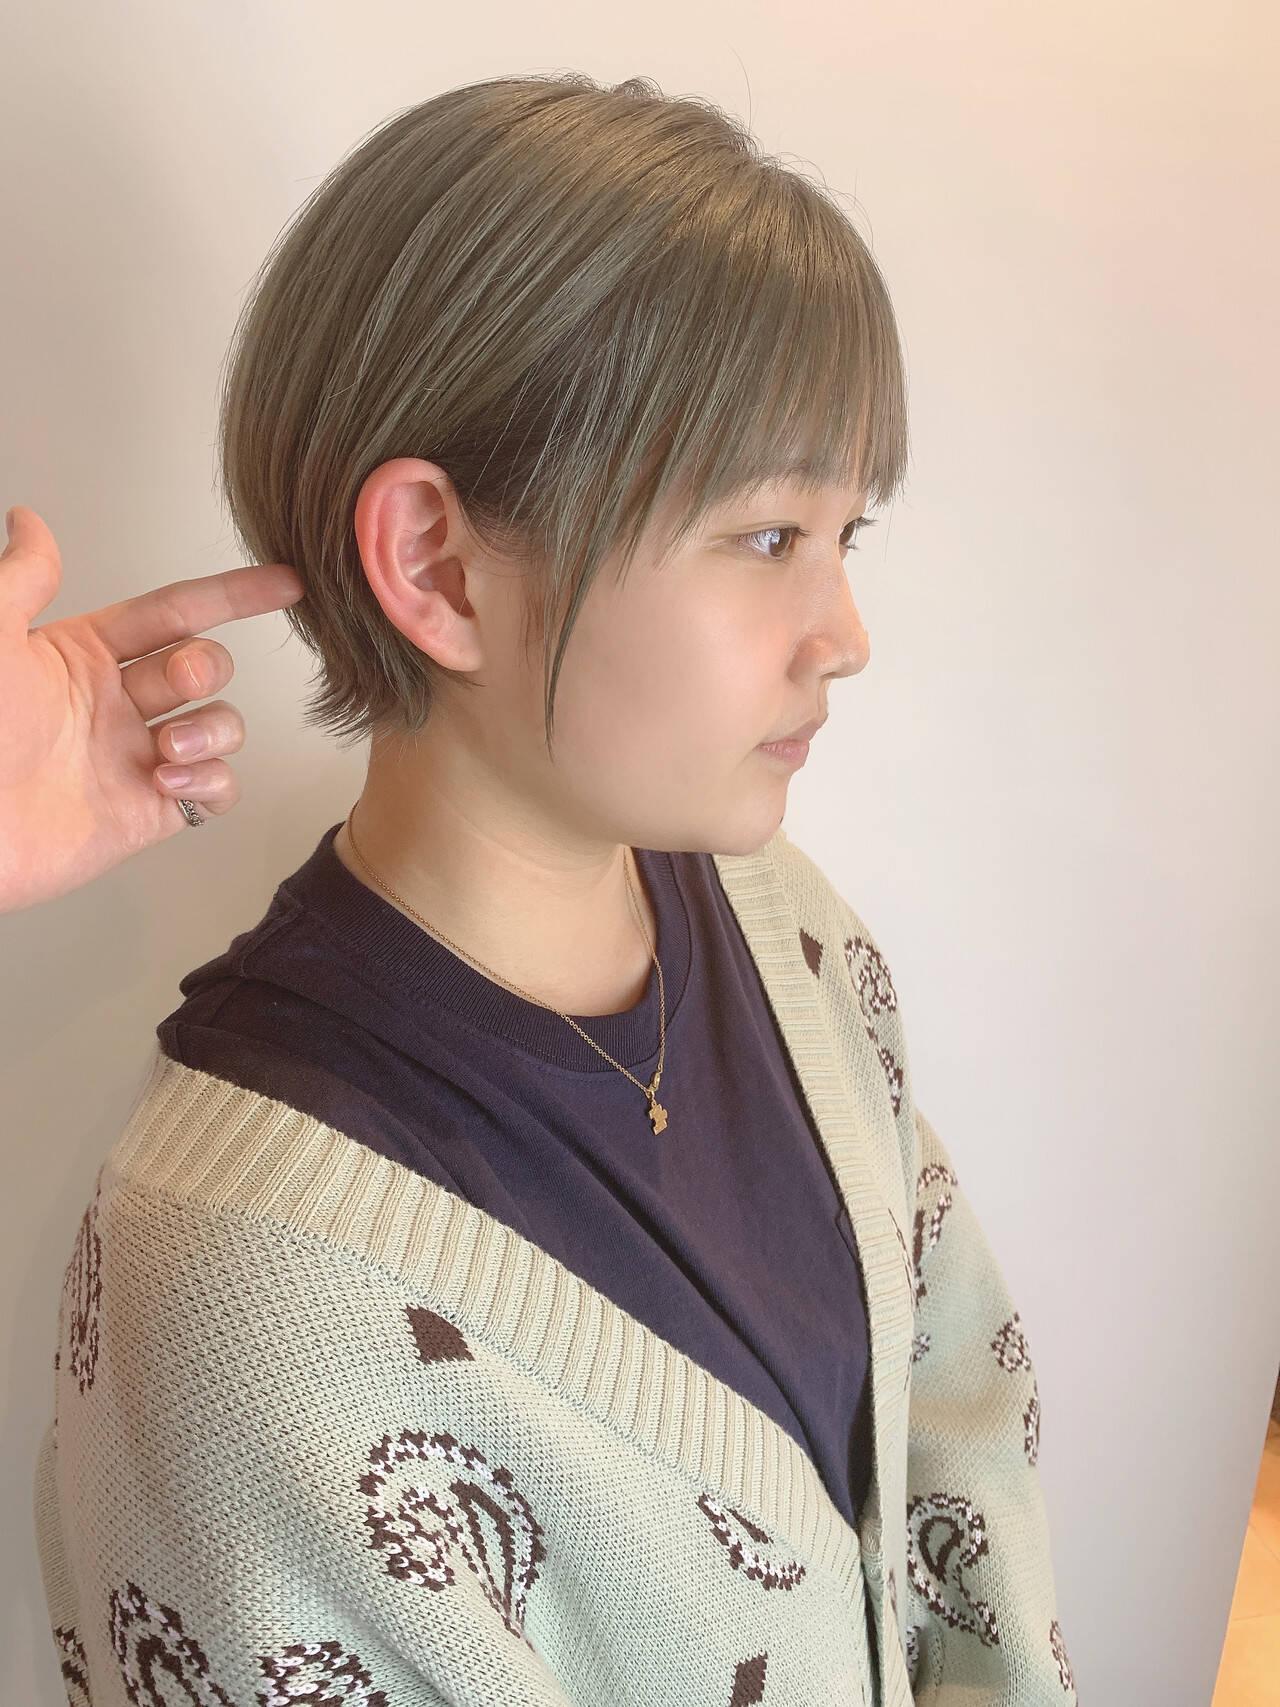 小顔ショート ベリーショート ショートボブ ショートヘアスタイルや髪型の写真・画像